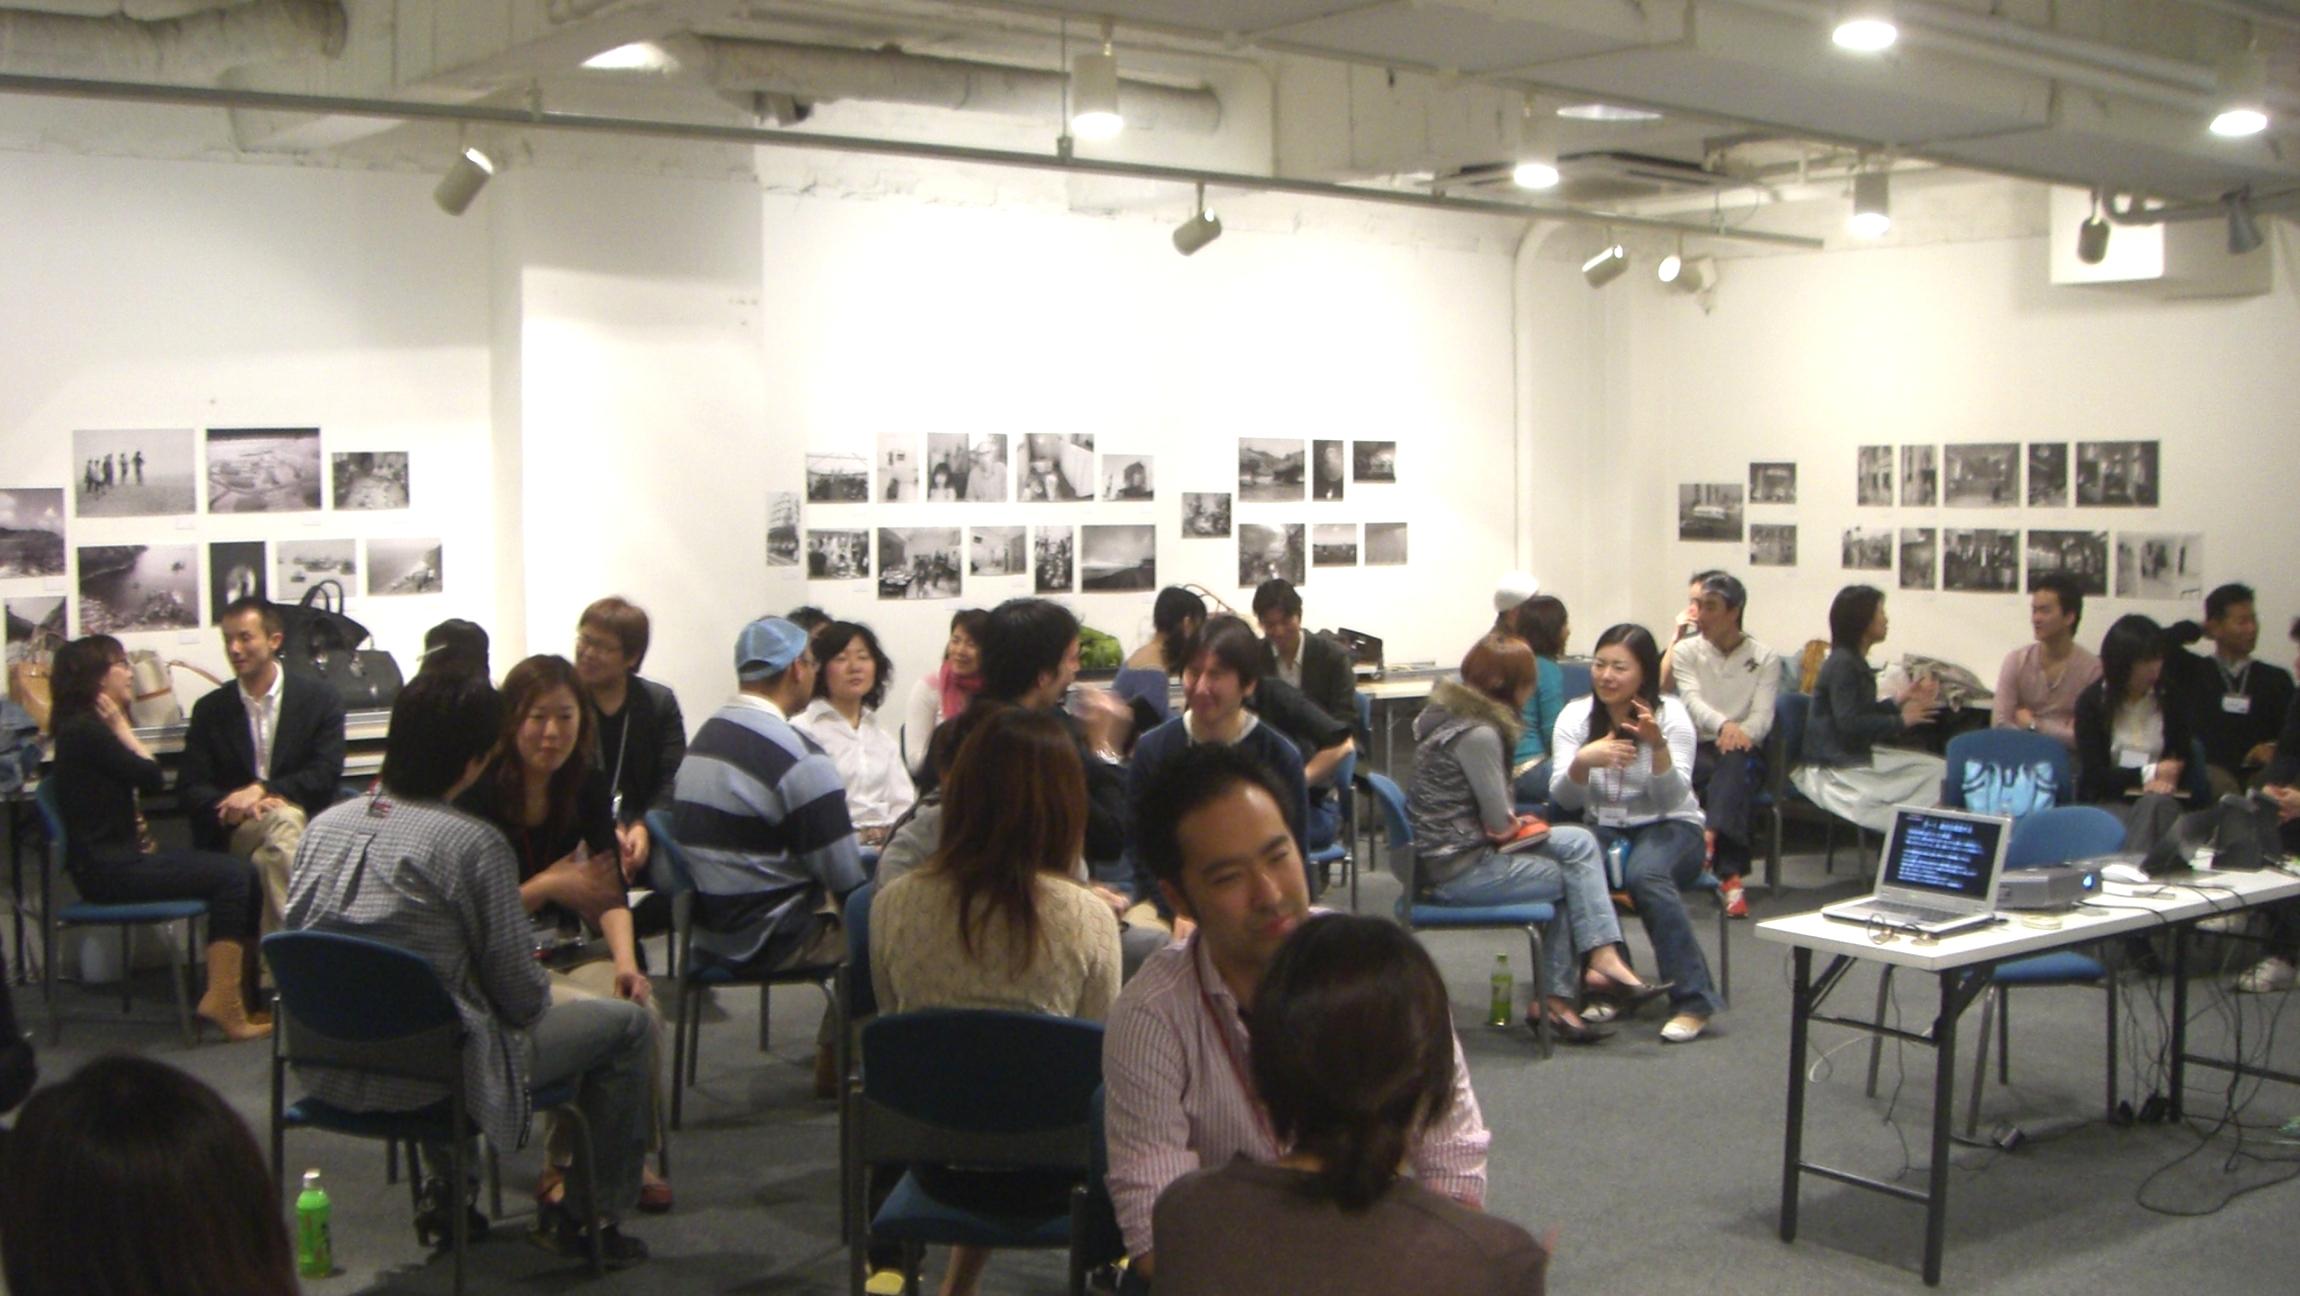 チャリティ団体パラサイヨにて、50人に向けてコーチングのワークショップを開催!